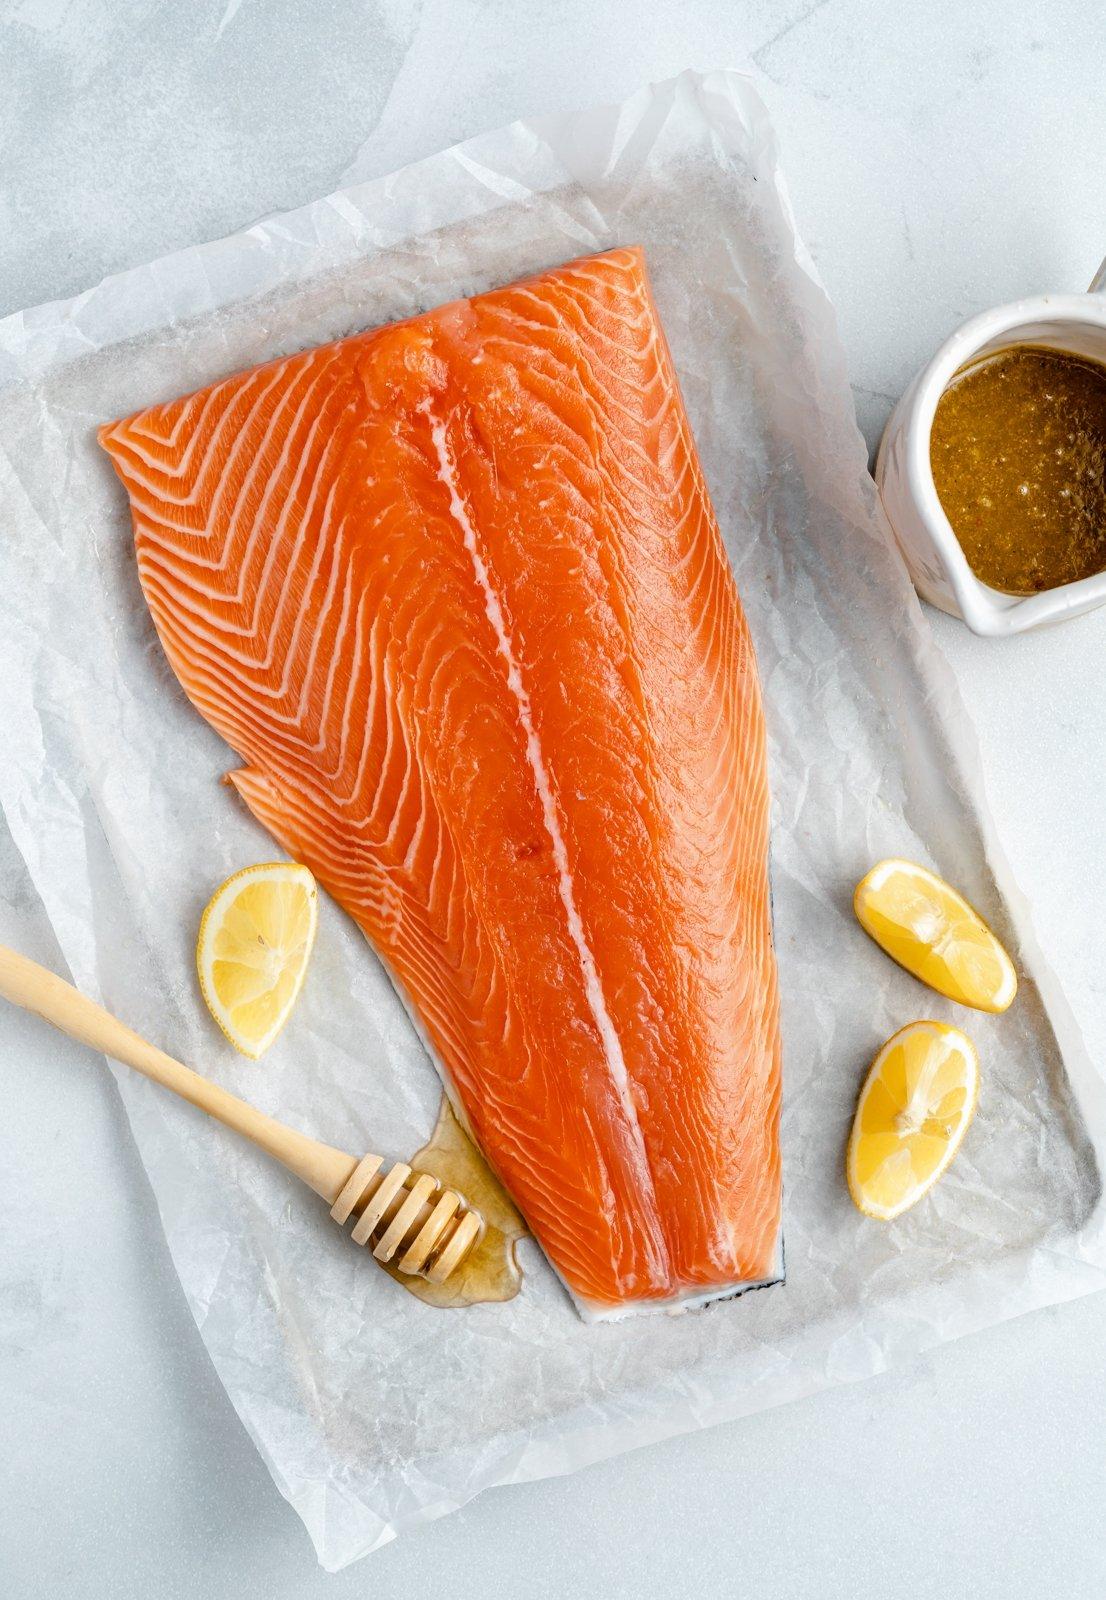 ingredients for lemon garlic salmon on a baking sheet